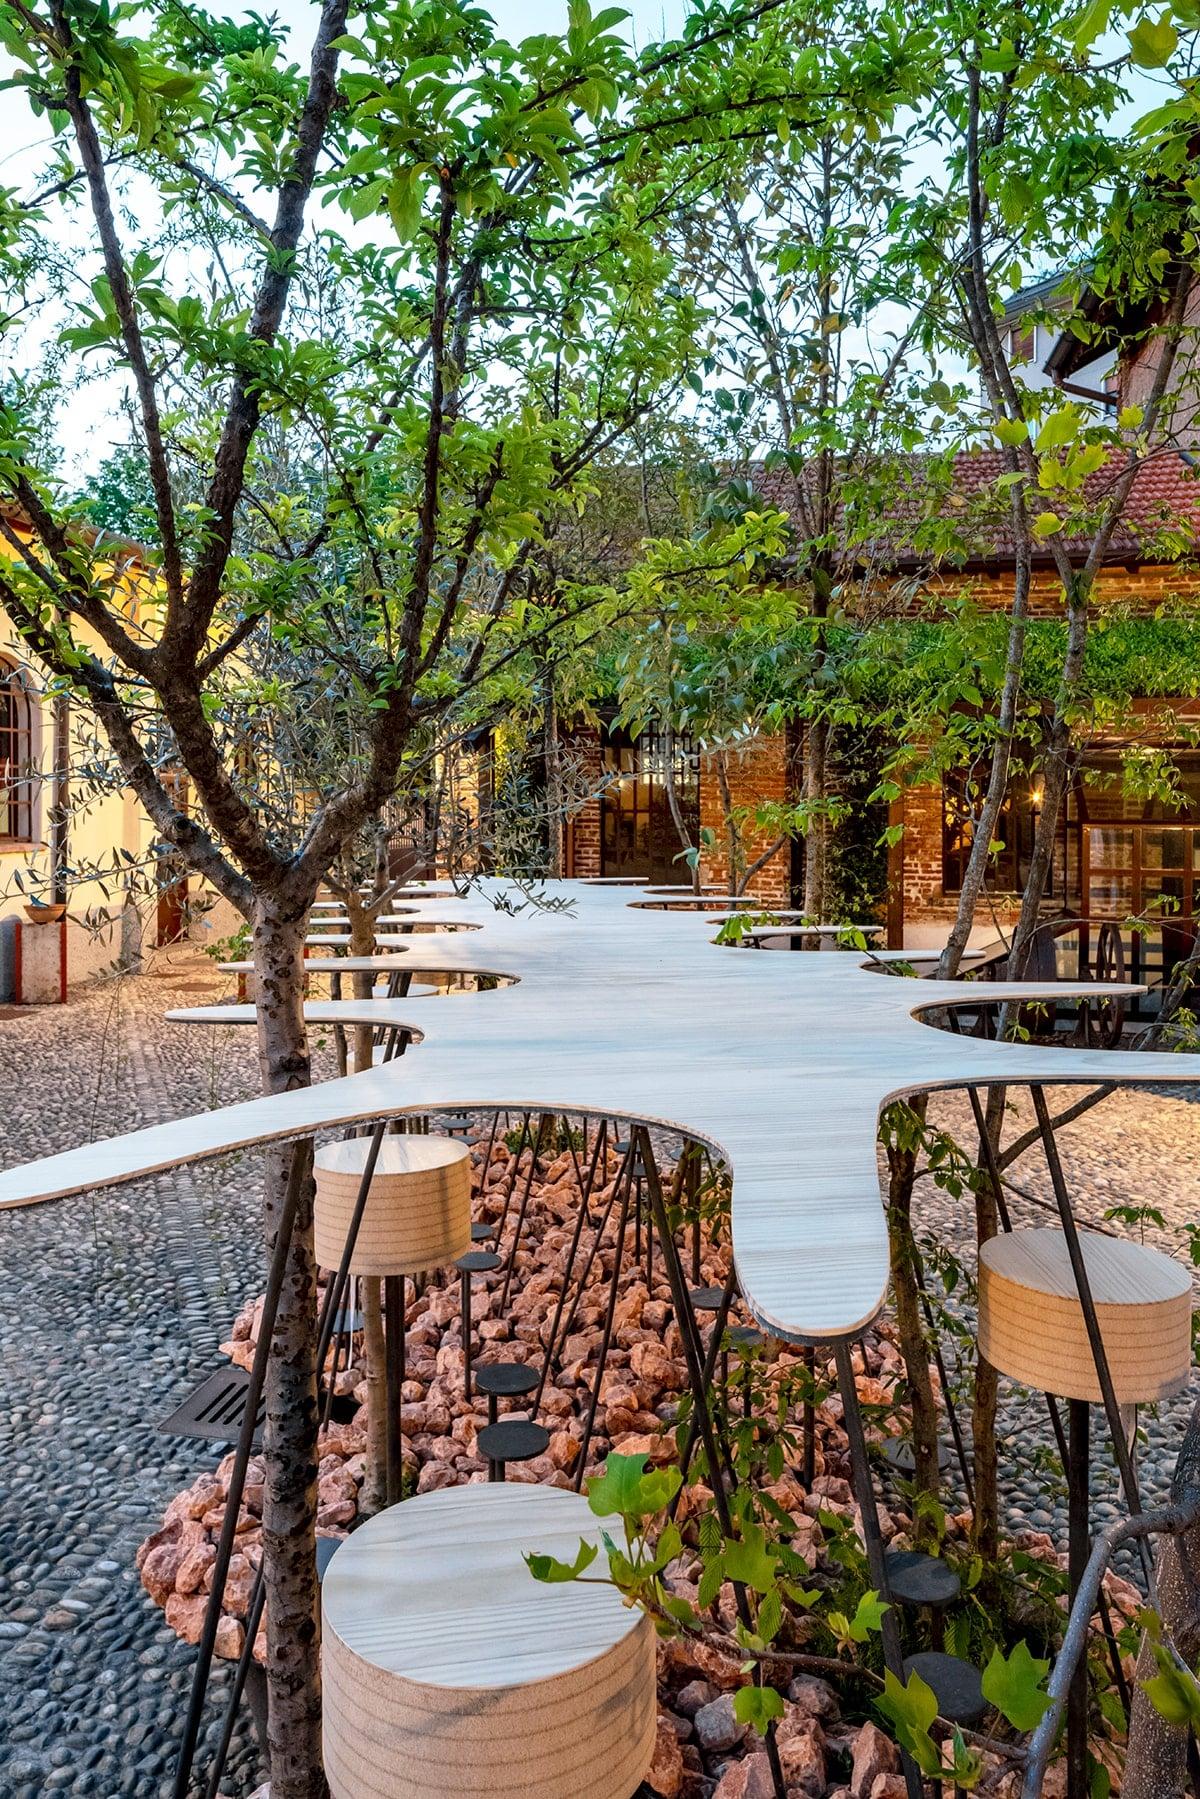 """team balancoによる屋外用の家具作品 """"intree table(インツリーテーブル)""""を東京ミッドタウンに展示。"""